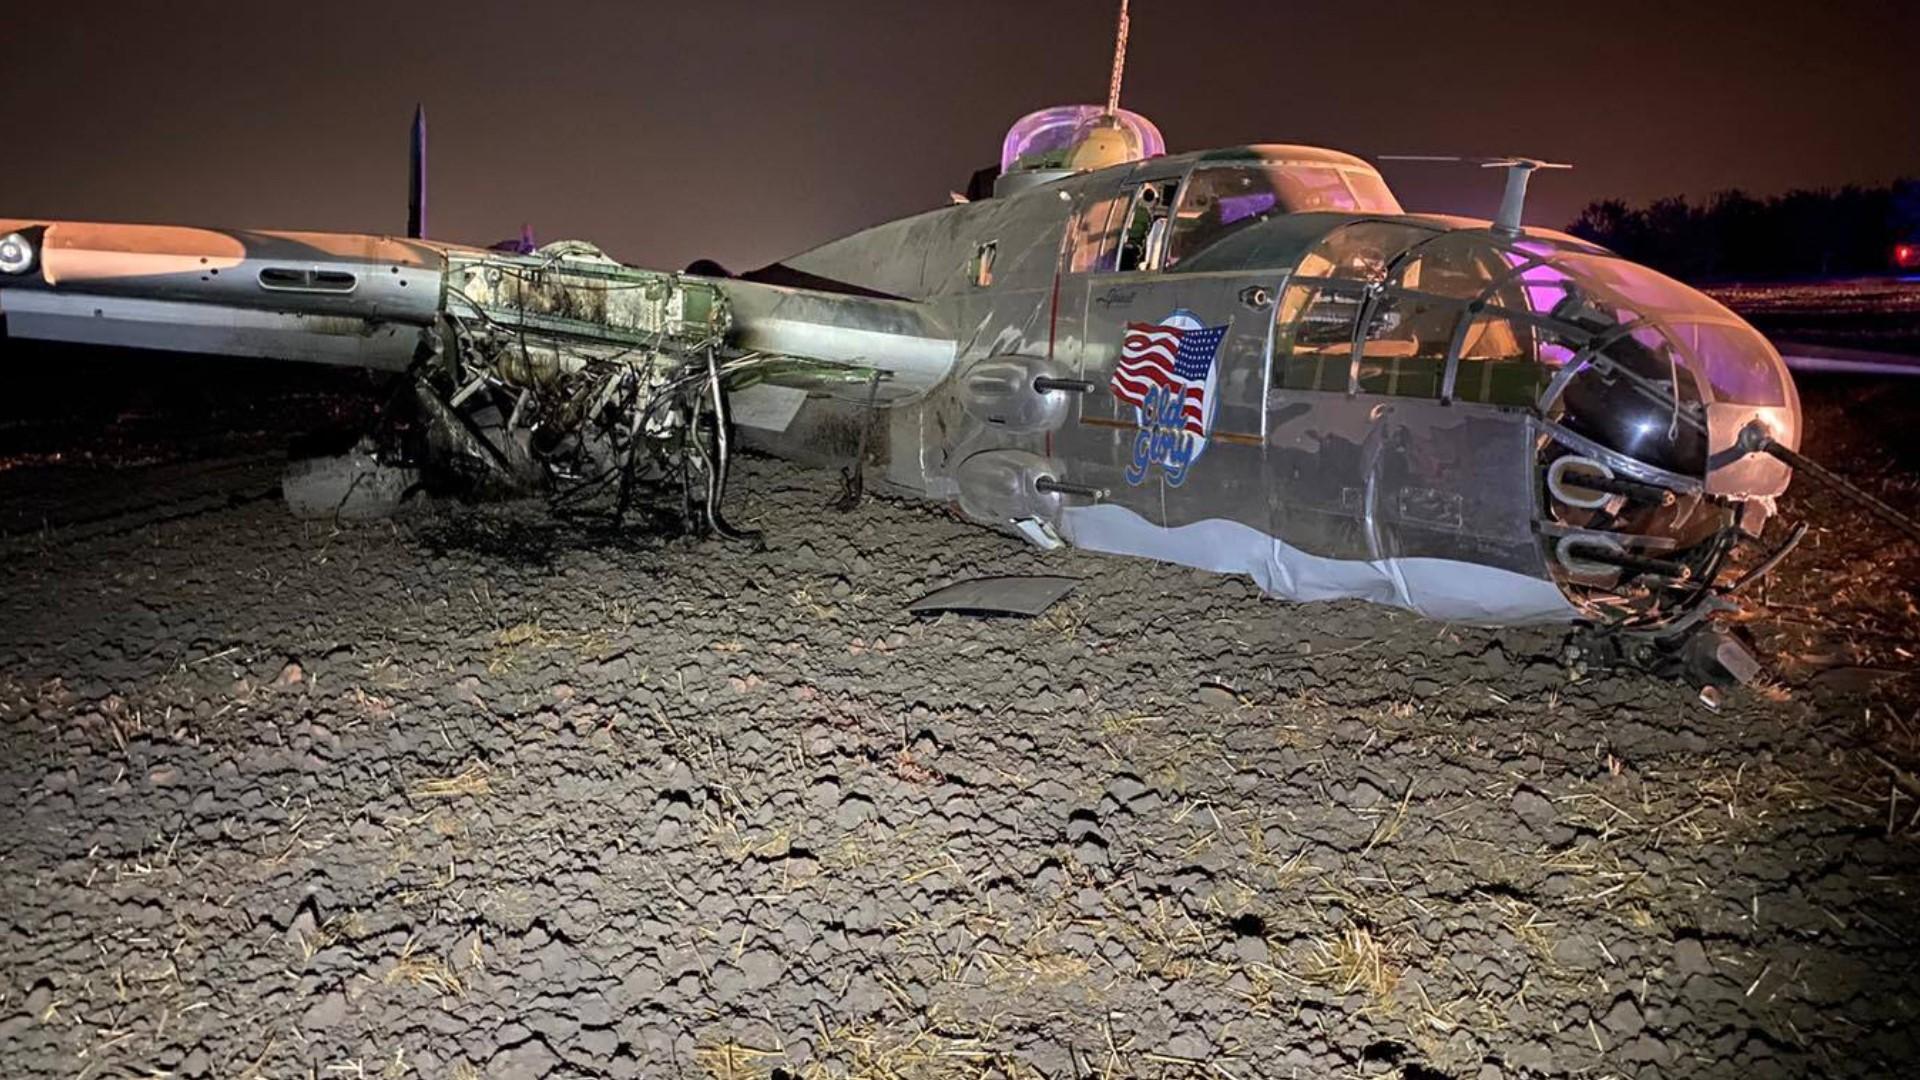 美国一架B-25轰炸机坠毁:栽进泥地 2人受伤(图)